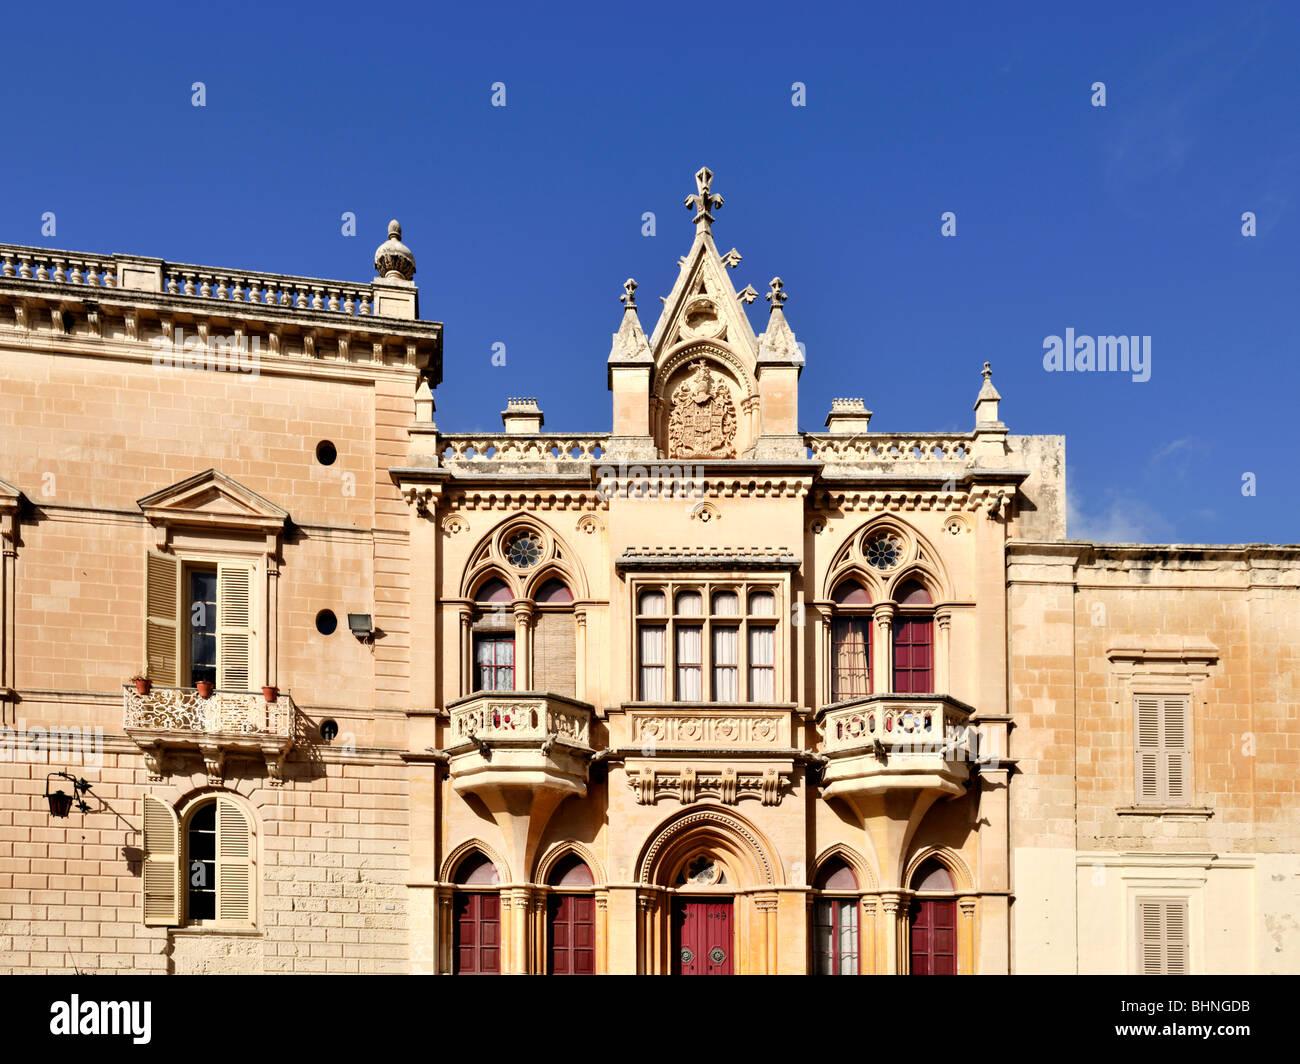 Barocke Fassade, Pjazza San Pawl, Mdina Stockbild